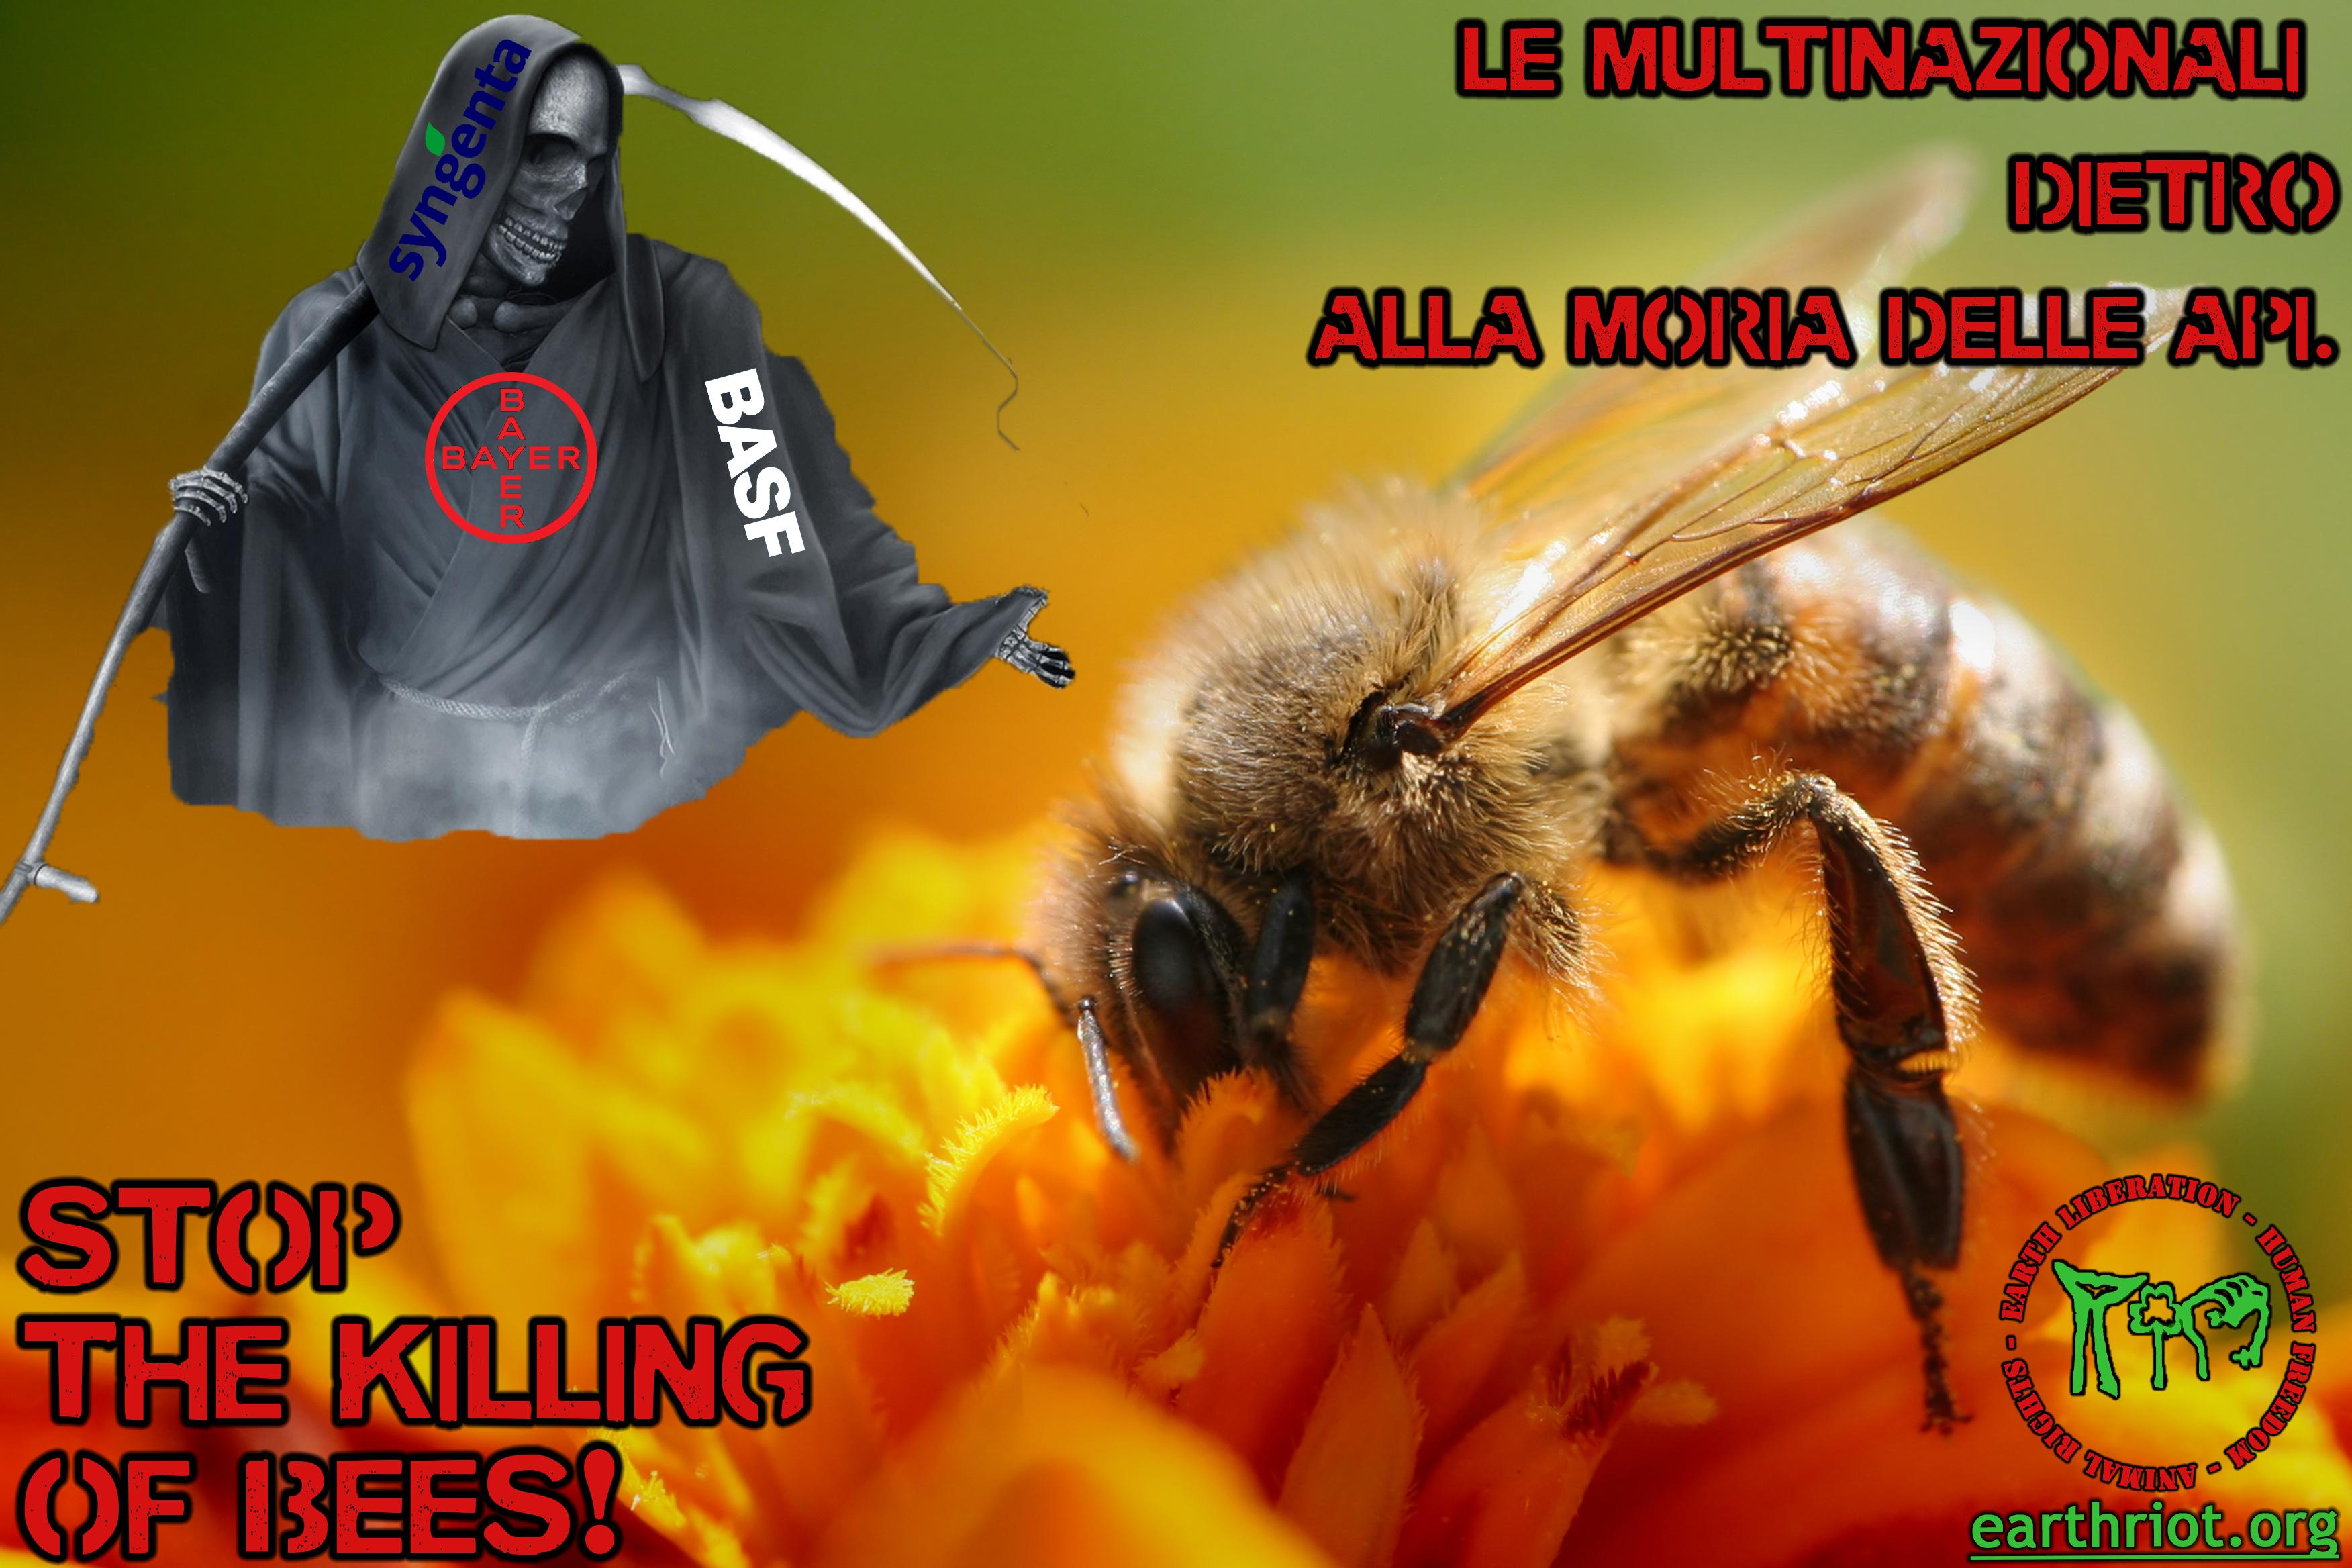 ape morte multinazionali